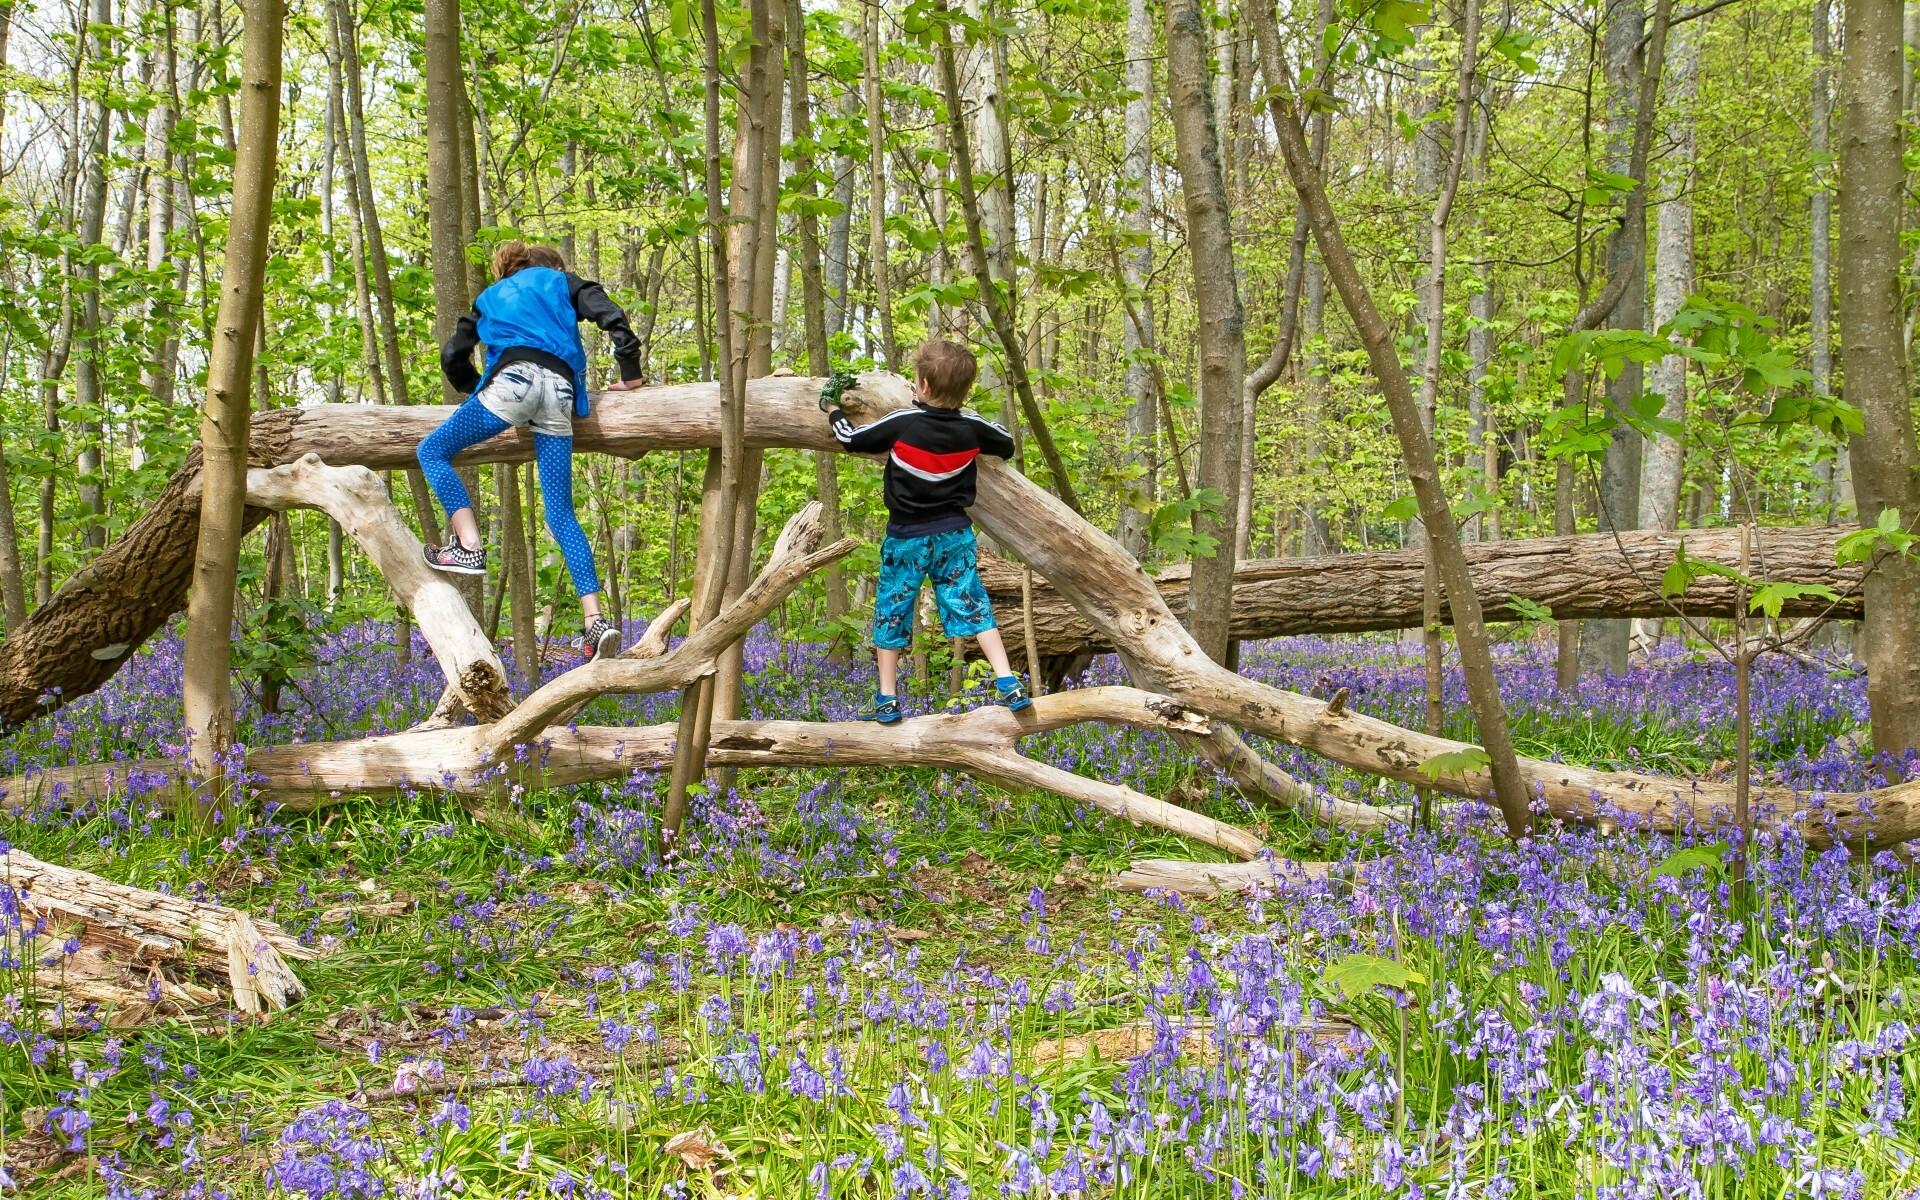 Kinderen spelen in het bos De Dennen VVV Texel fotograaf Justin Sinner